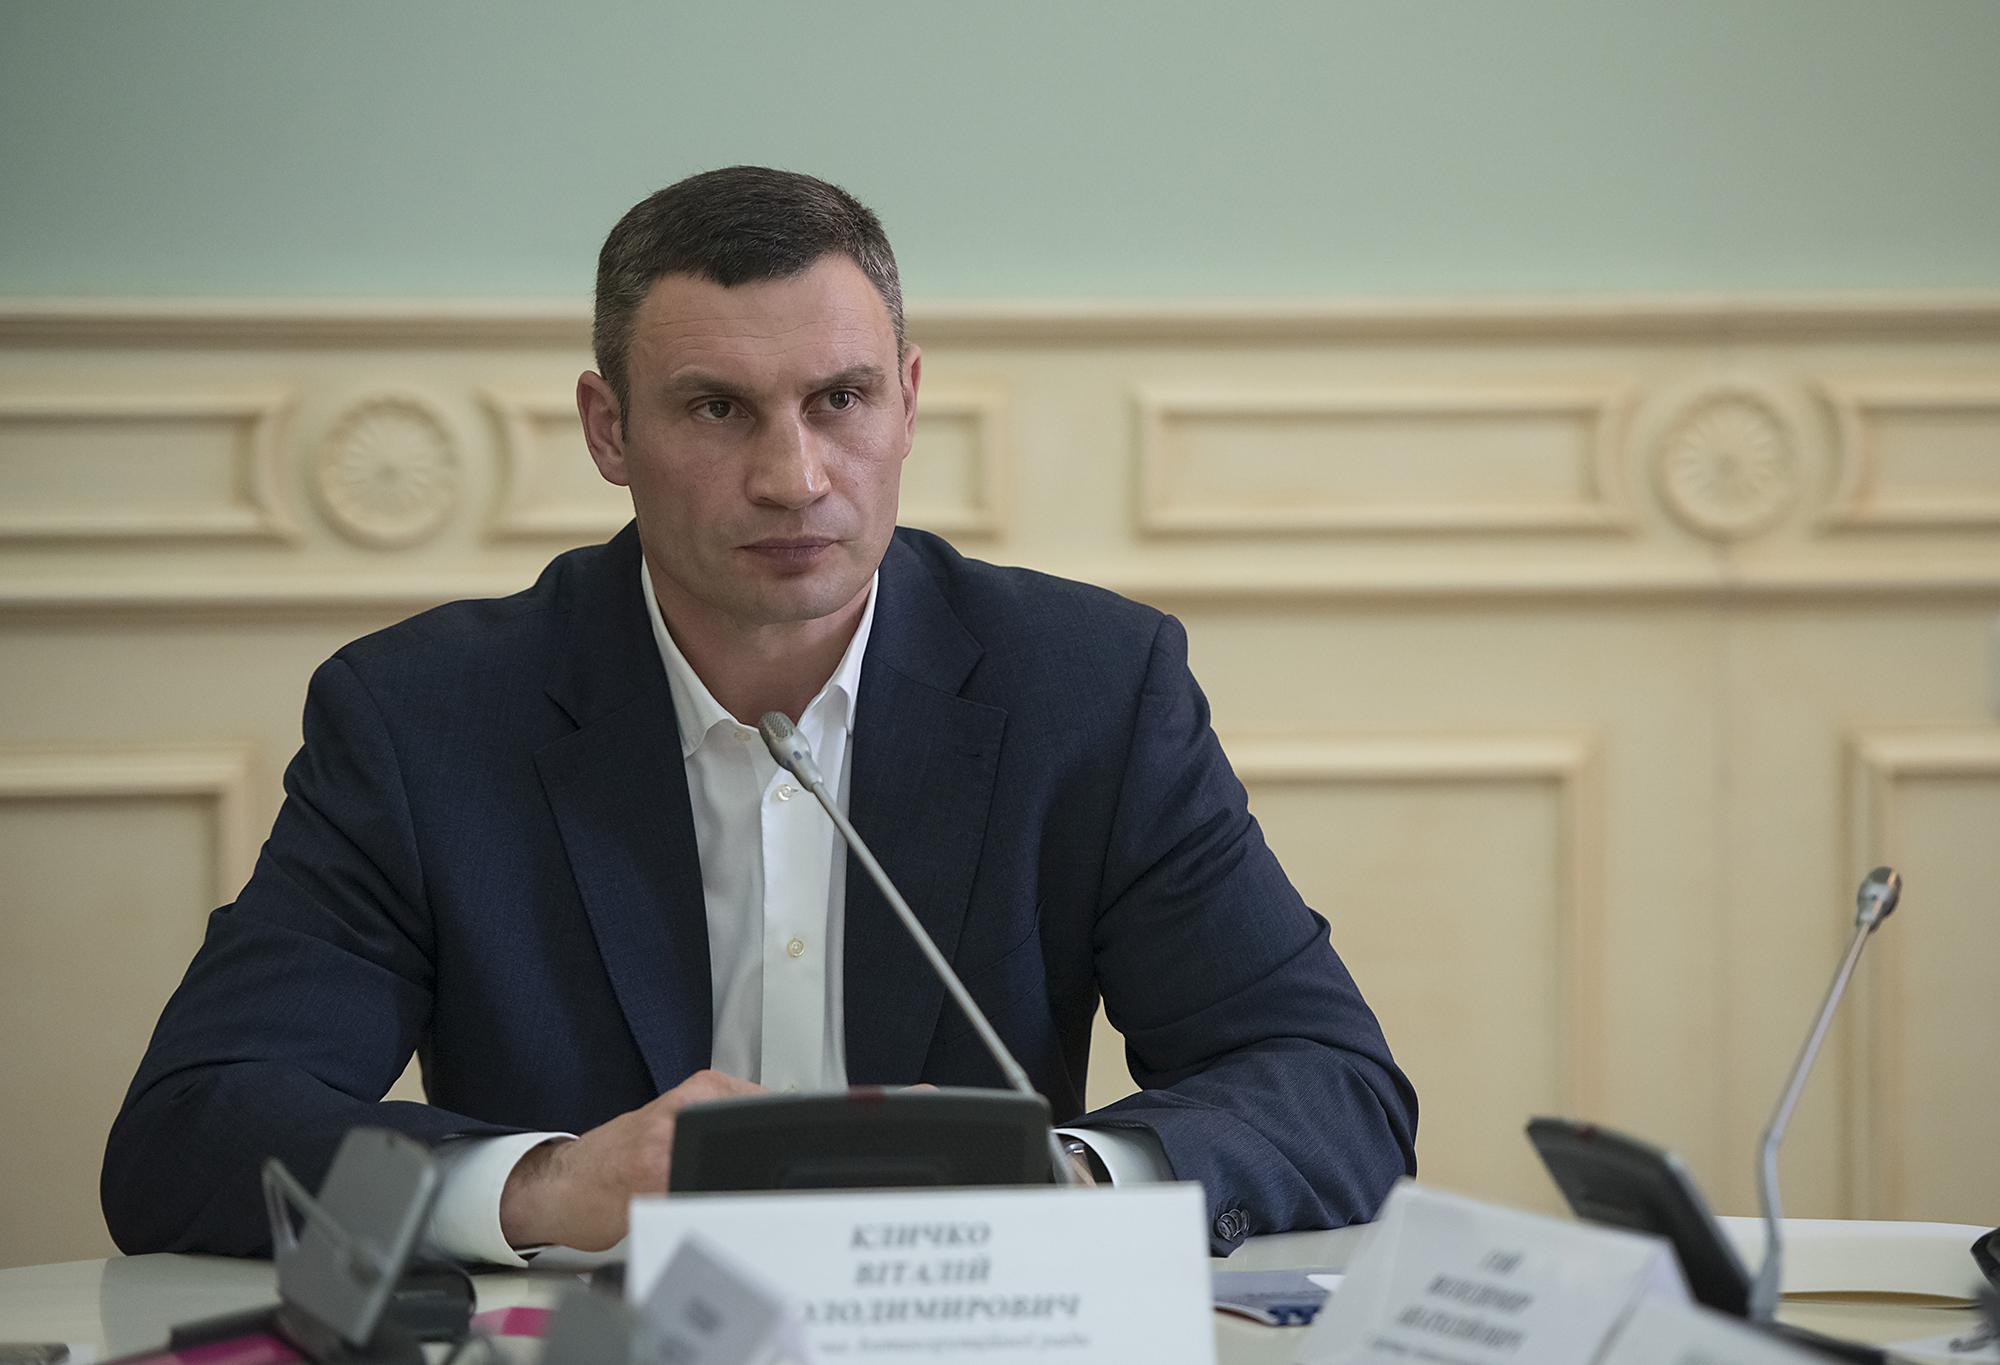 Кличко: ВКиеве будут модернизировать уличное освещение, что увеличит безопасность